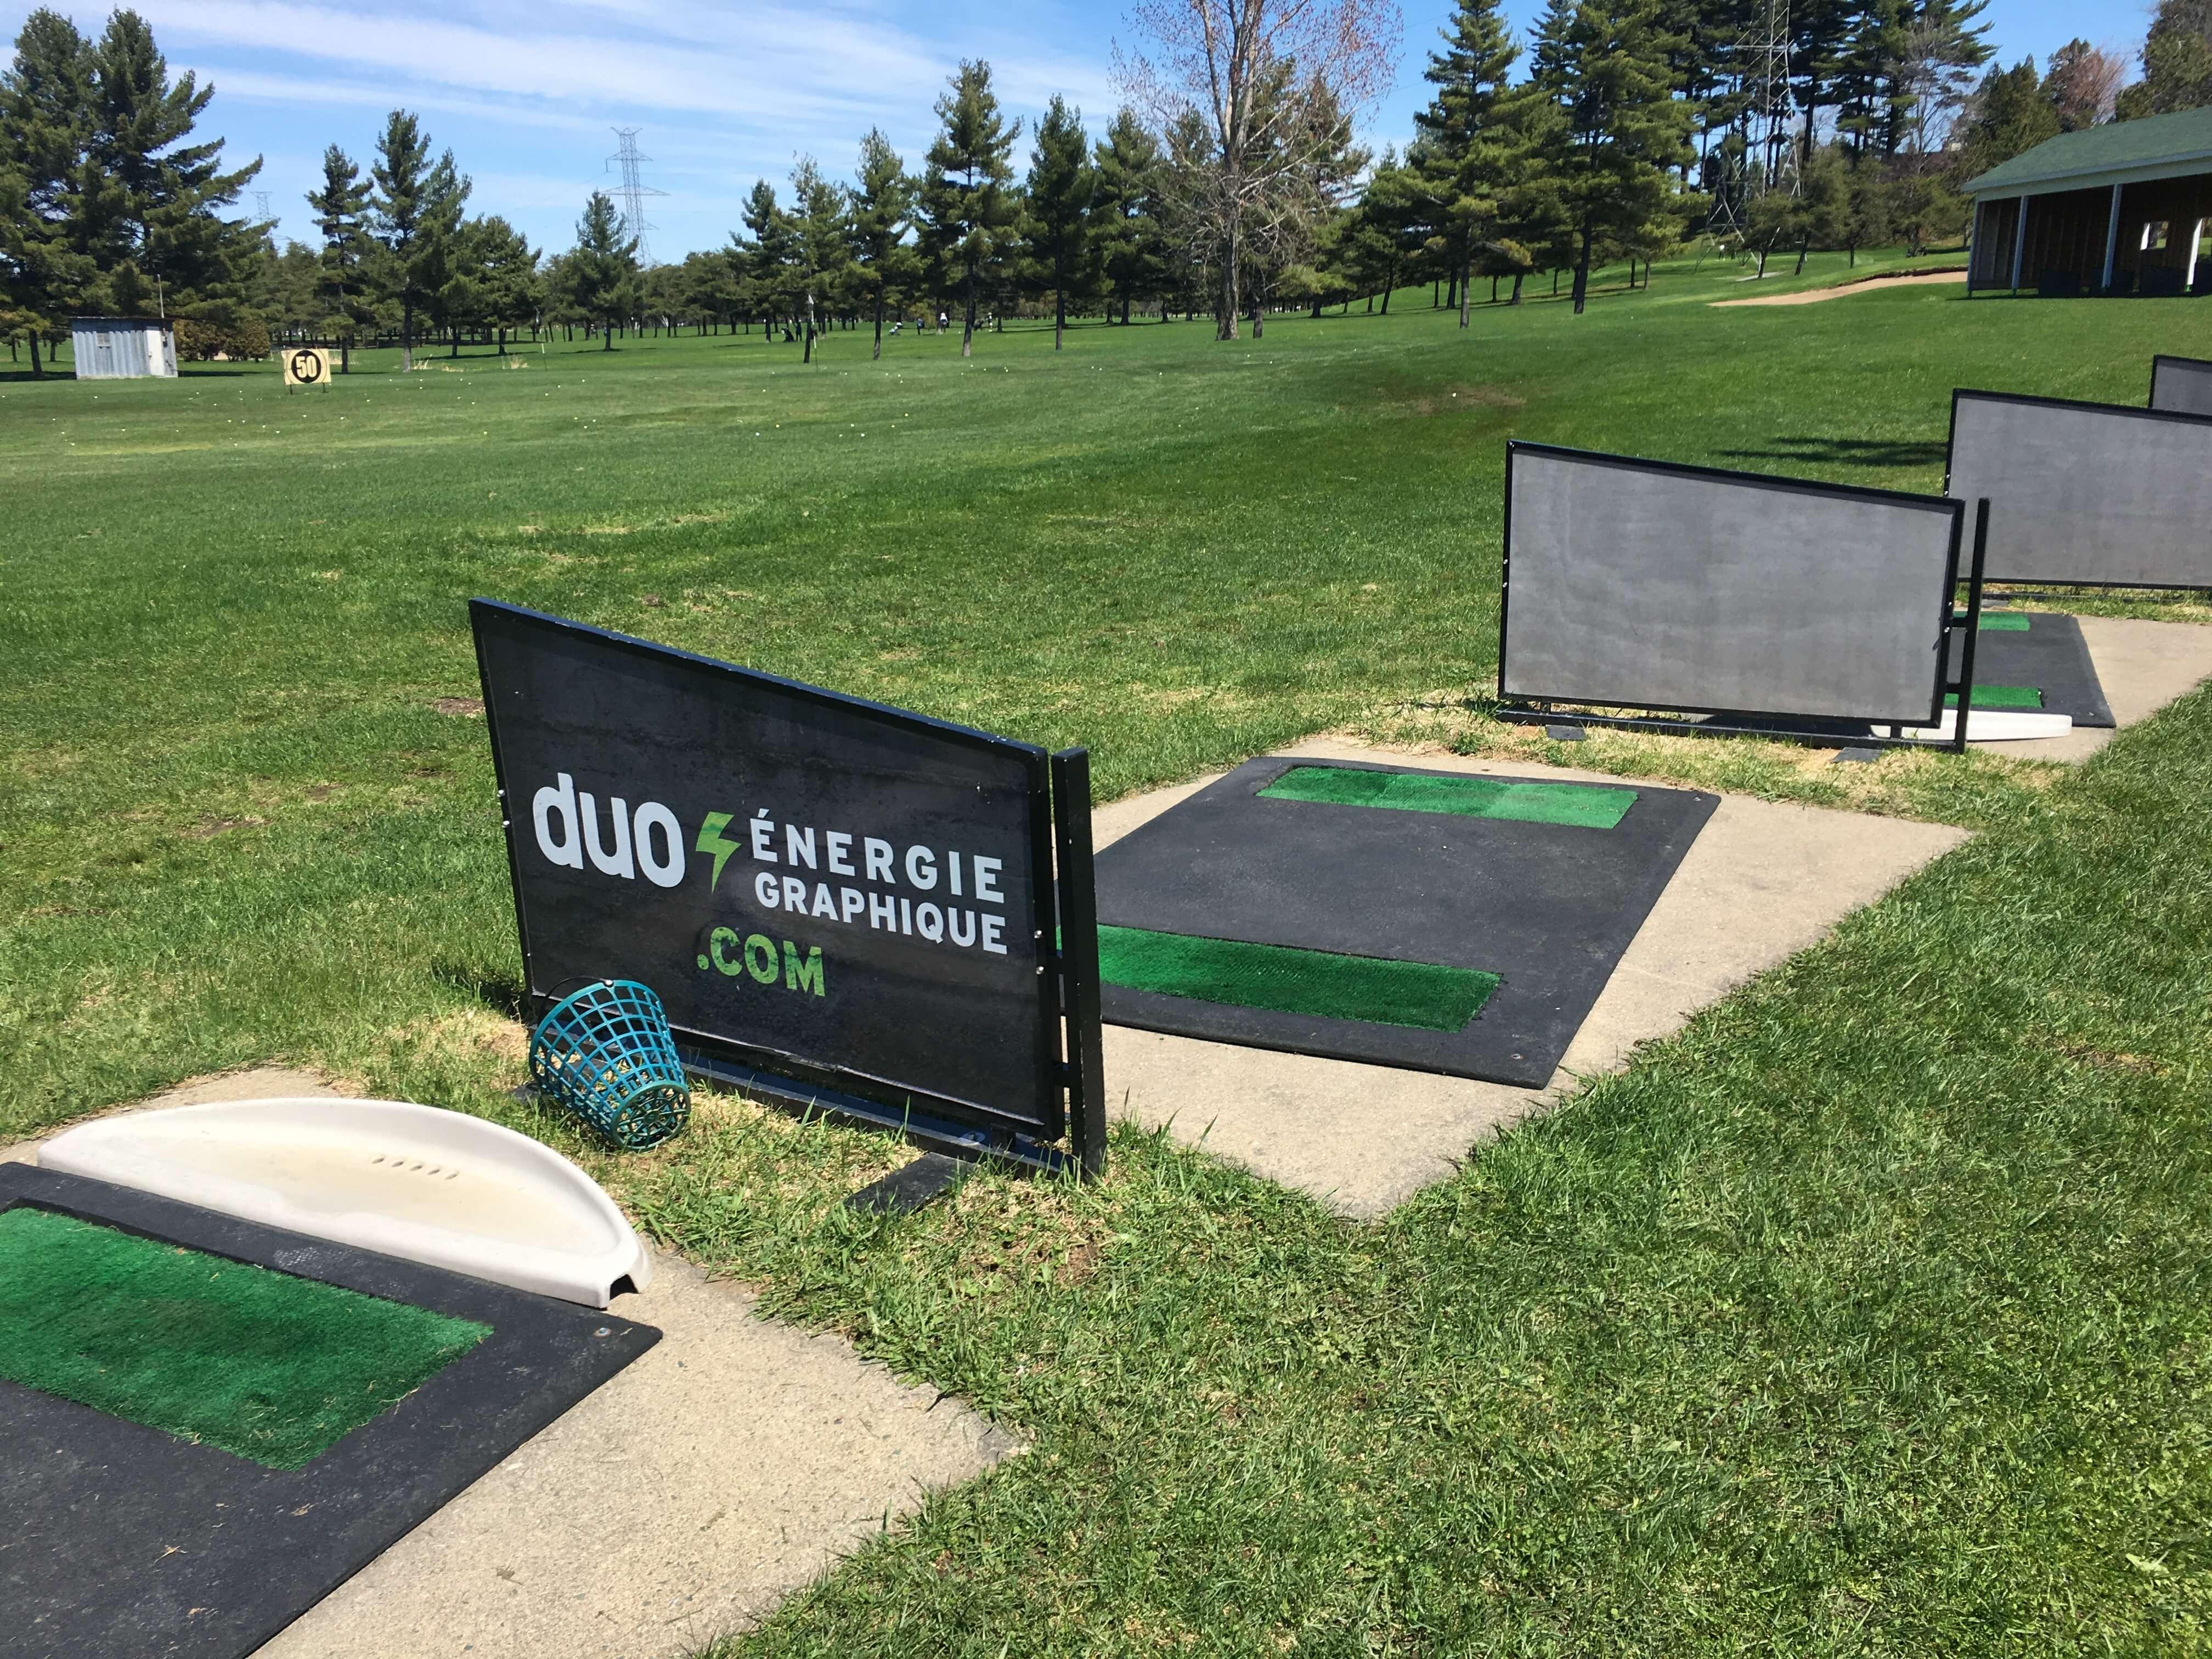 Publicité au champ de pratique de golf